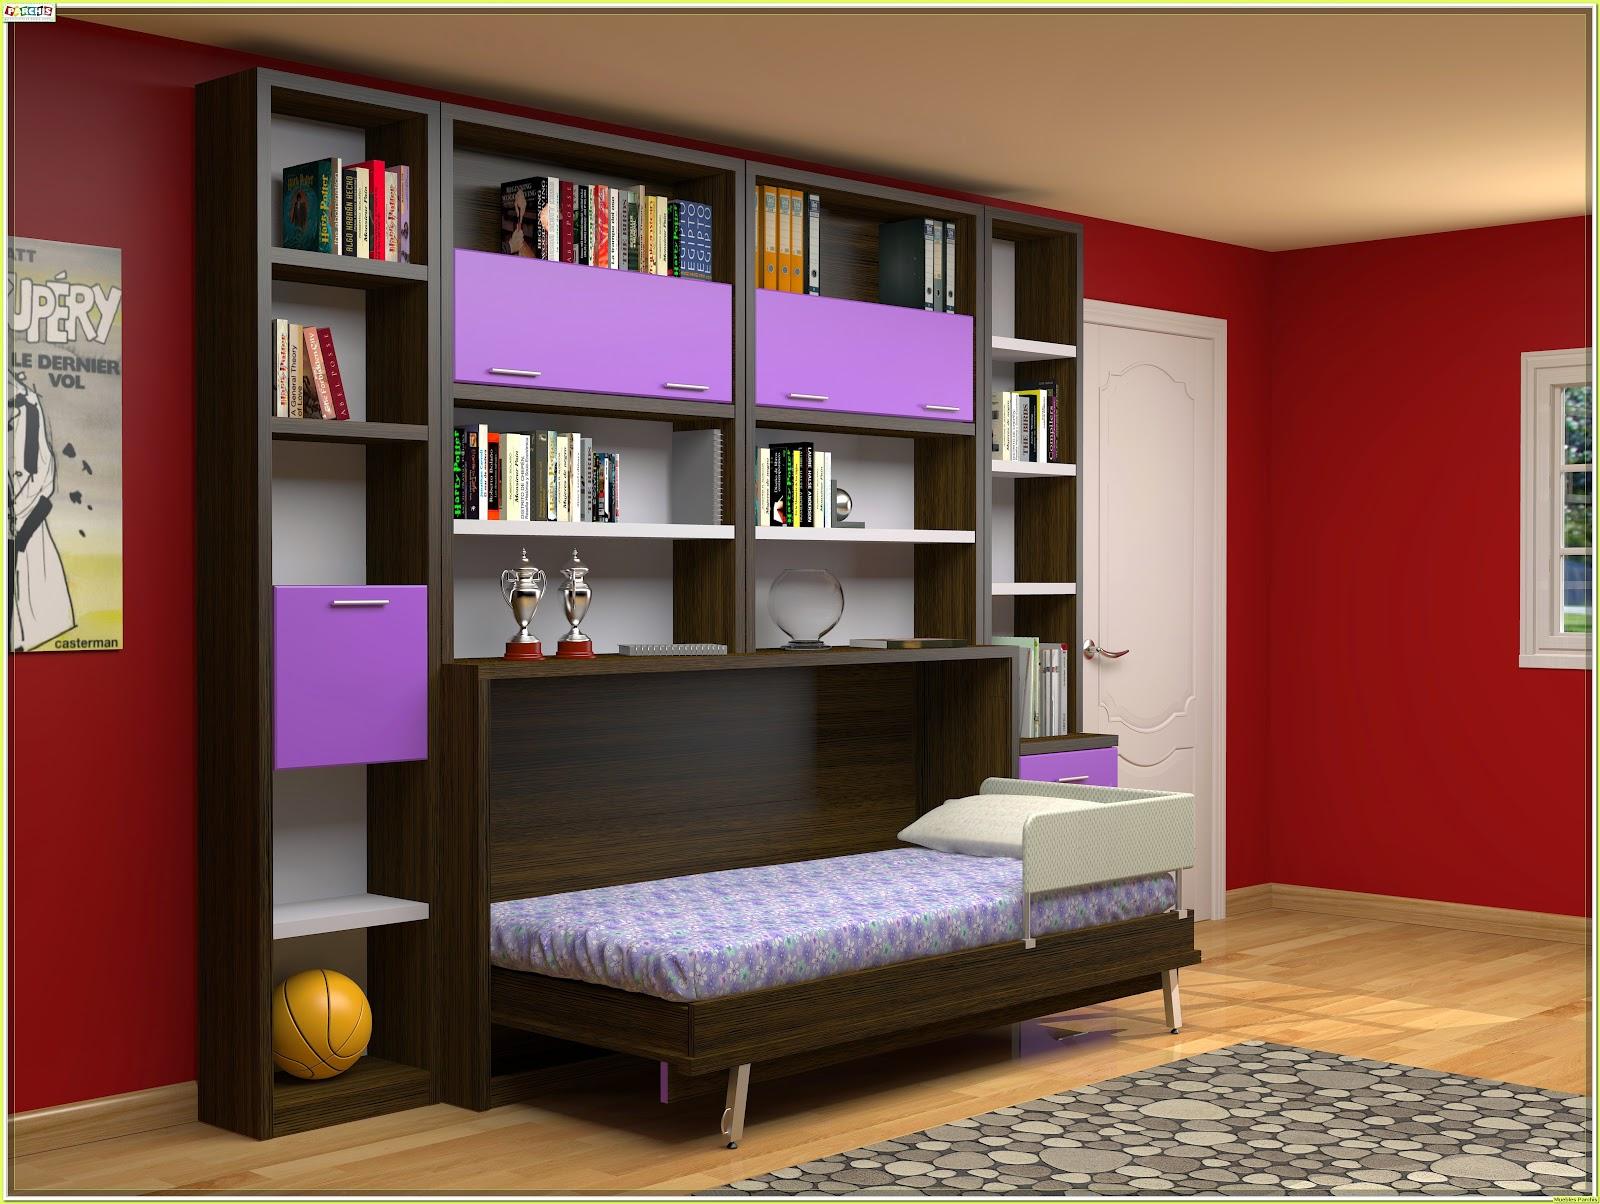 Cama mesa abatible camas autoportantes camas abatibles horizontales con armarios camas - Dormitorios juveniles en madrid ...